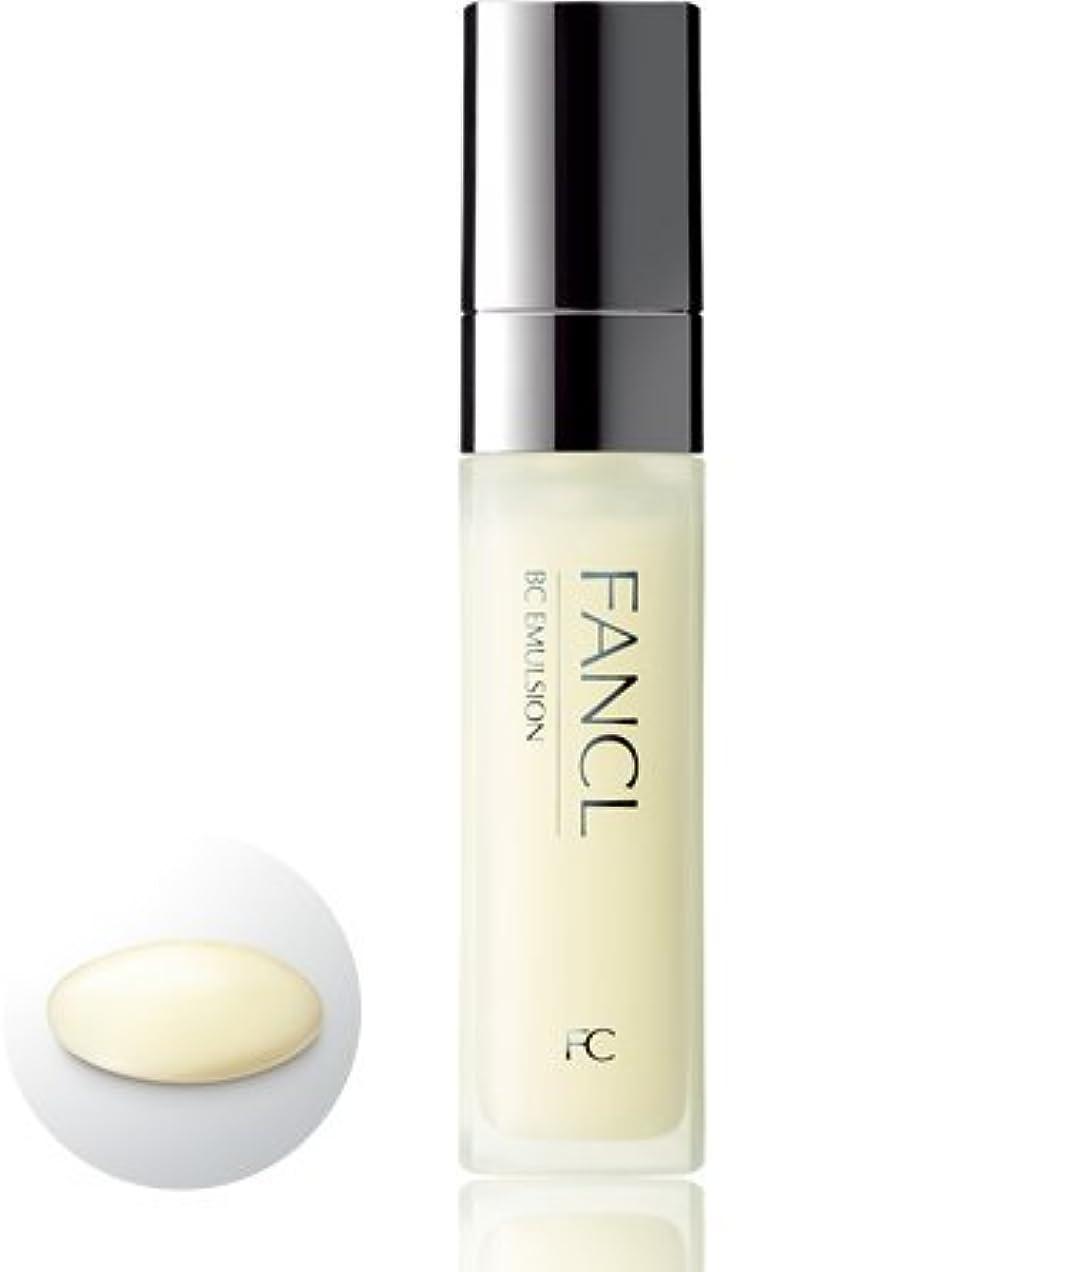 流す耐久魅了するFANCL  BC 乳液  30mL